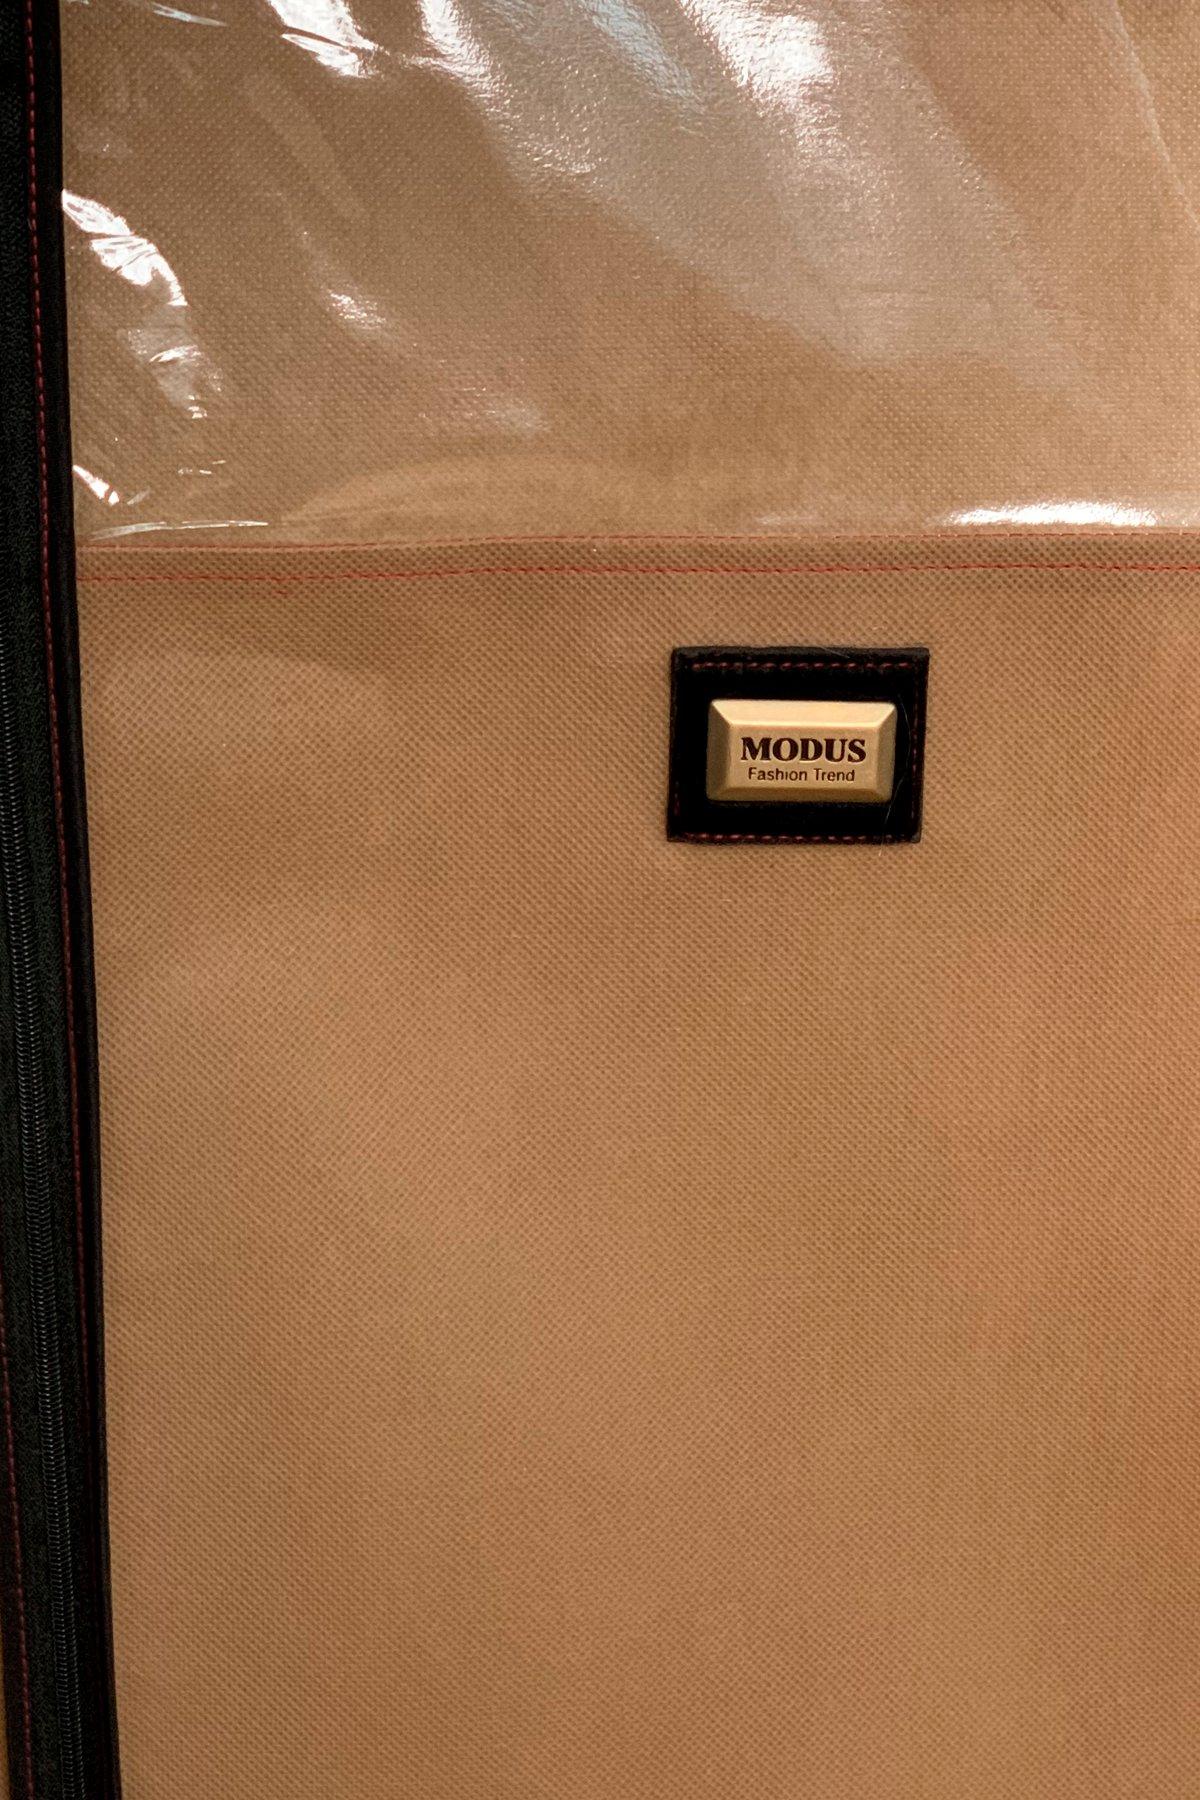 Чехол малый Standart 10274 АРТ. 46601 Цвет: шоколад/бежевый/молоко - фото 3, интернет магазин tm-modus.ru